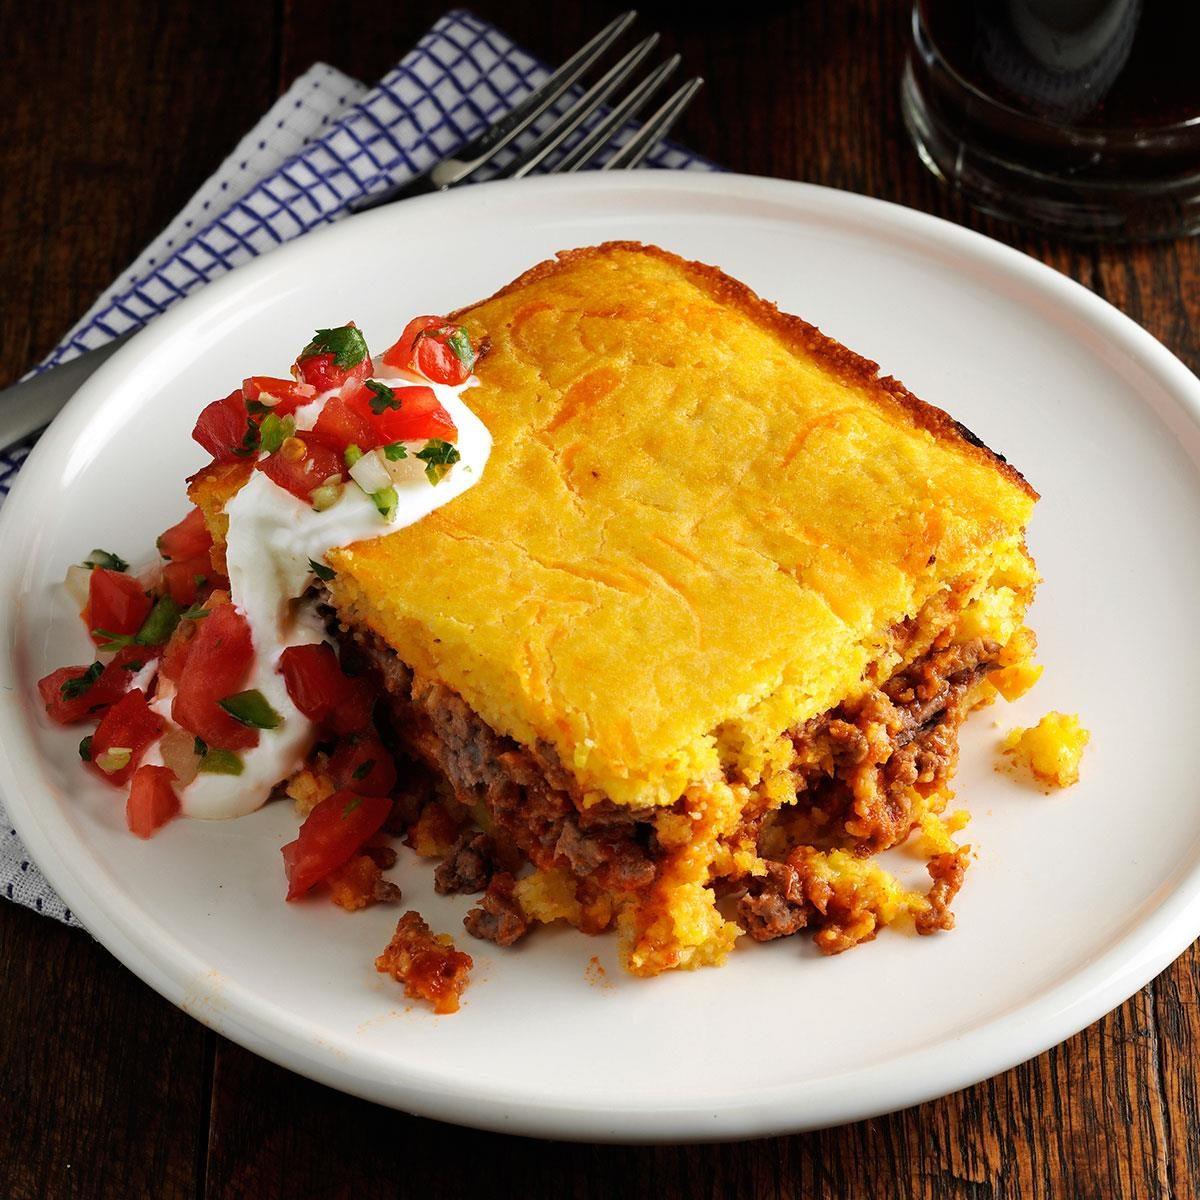 Chili Beef Cornbread Casserole Recipe